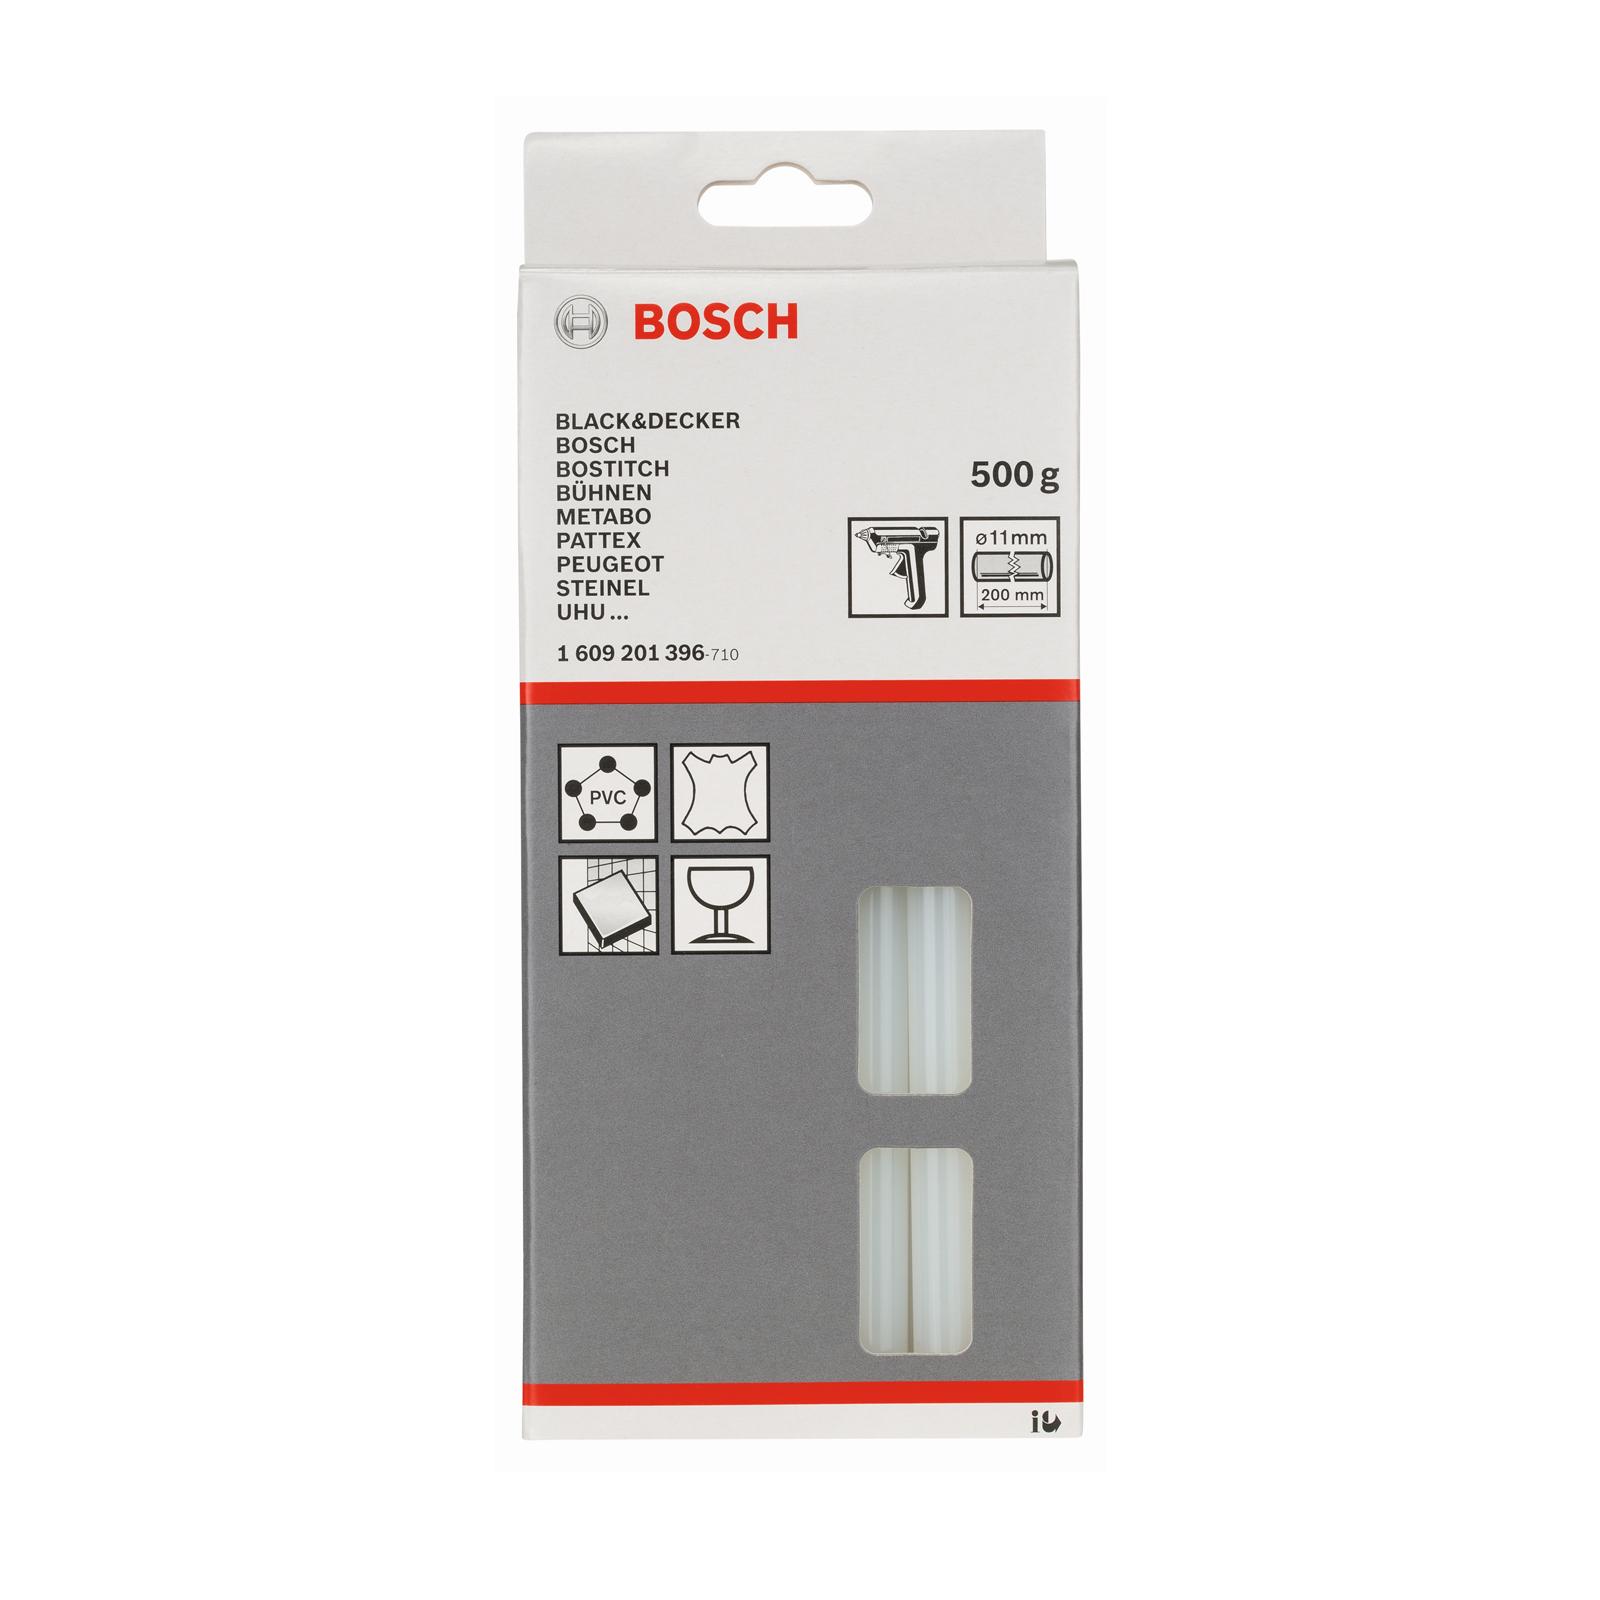 Bosch 200mm Glue Stick - 25 Pack